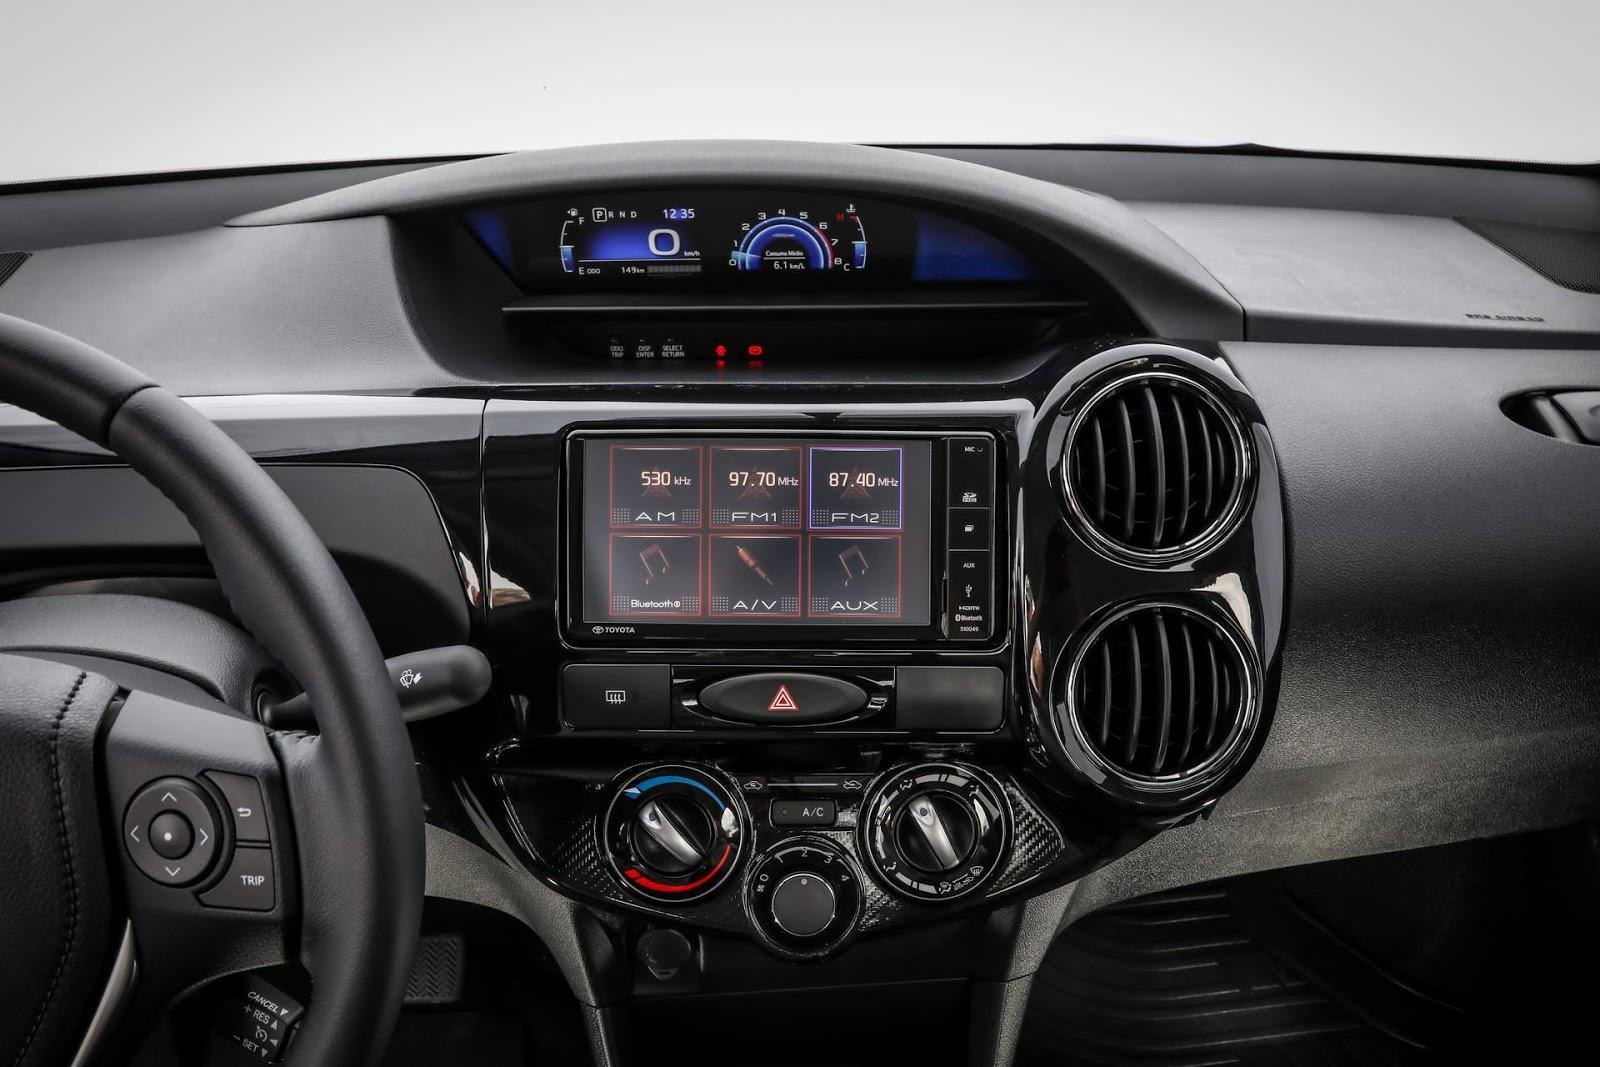 Toyota Etios 2018 interior